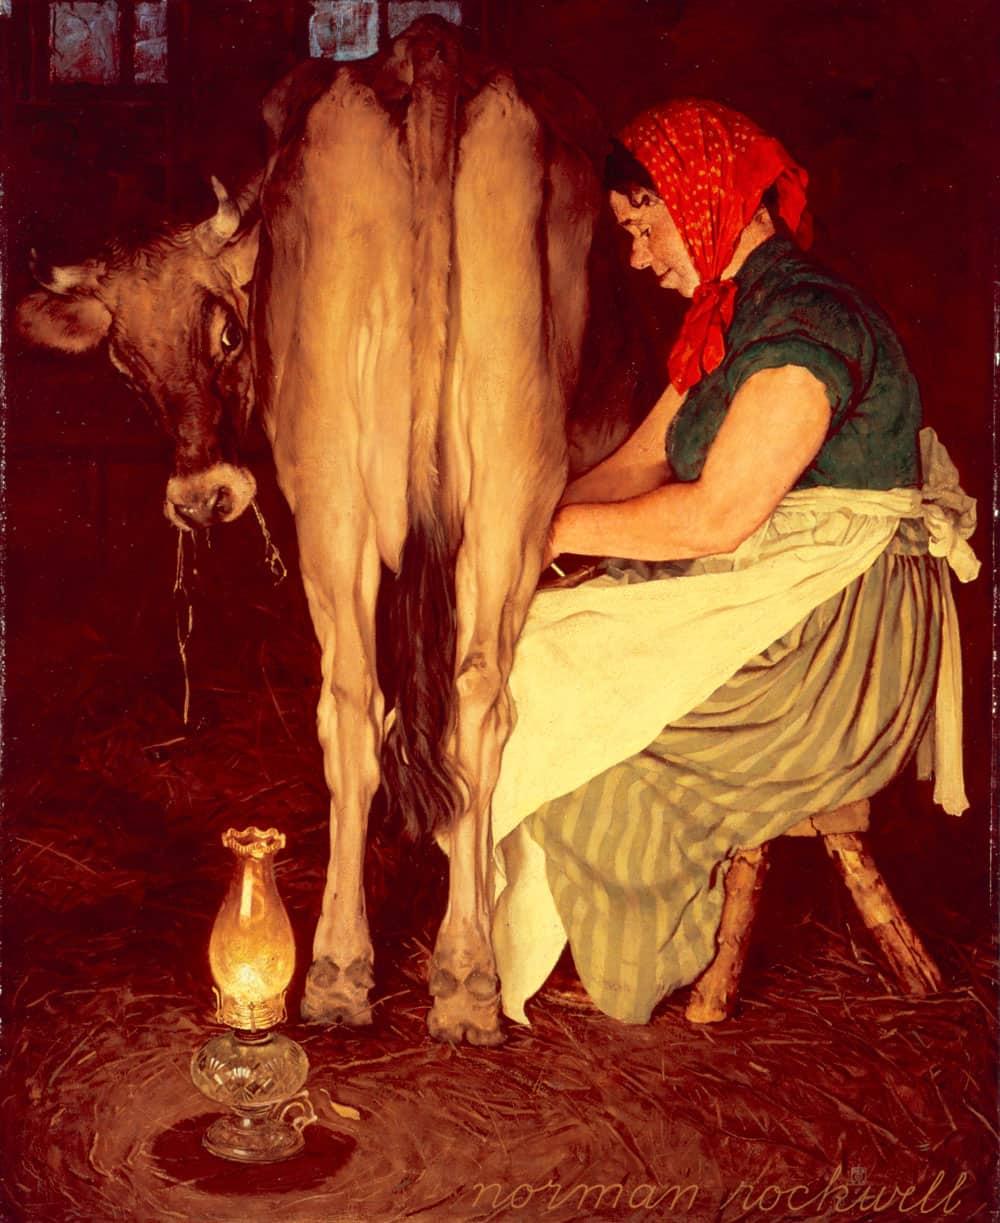 Pintura de Norman Rockwell de la señora O'Leary ordeñando su vaca en su establo'Leary milking her cow in her barn